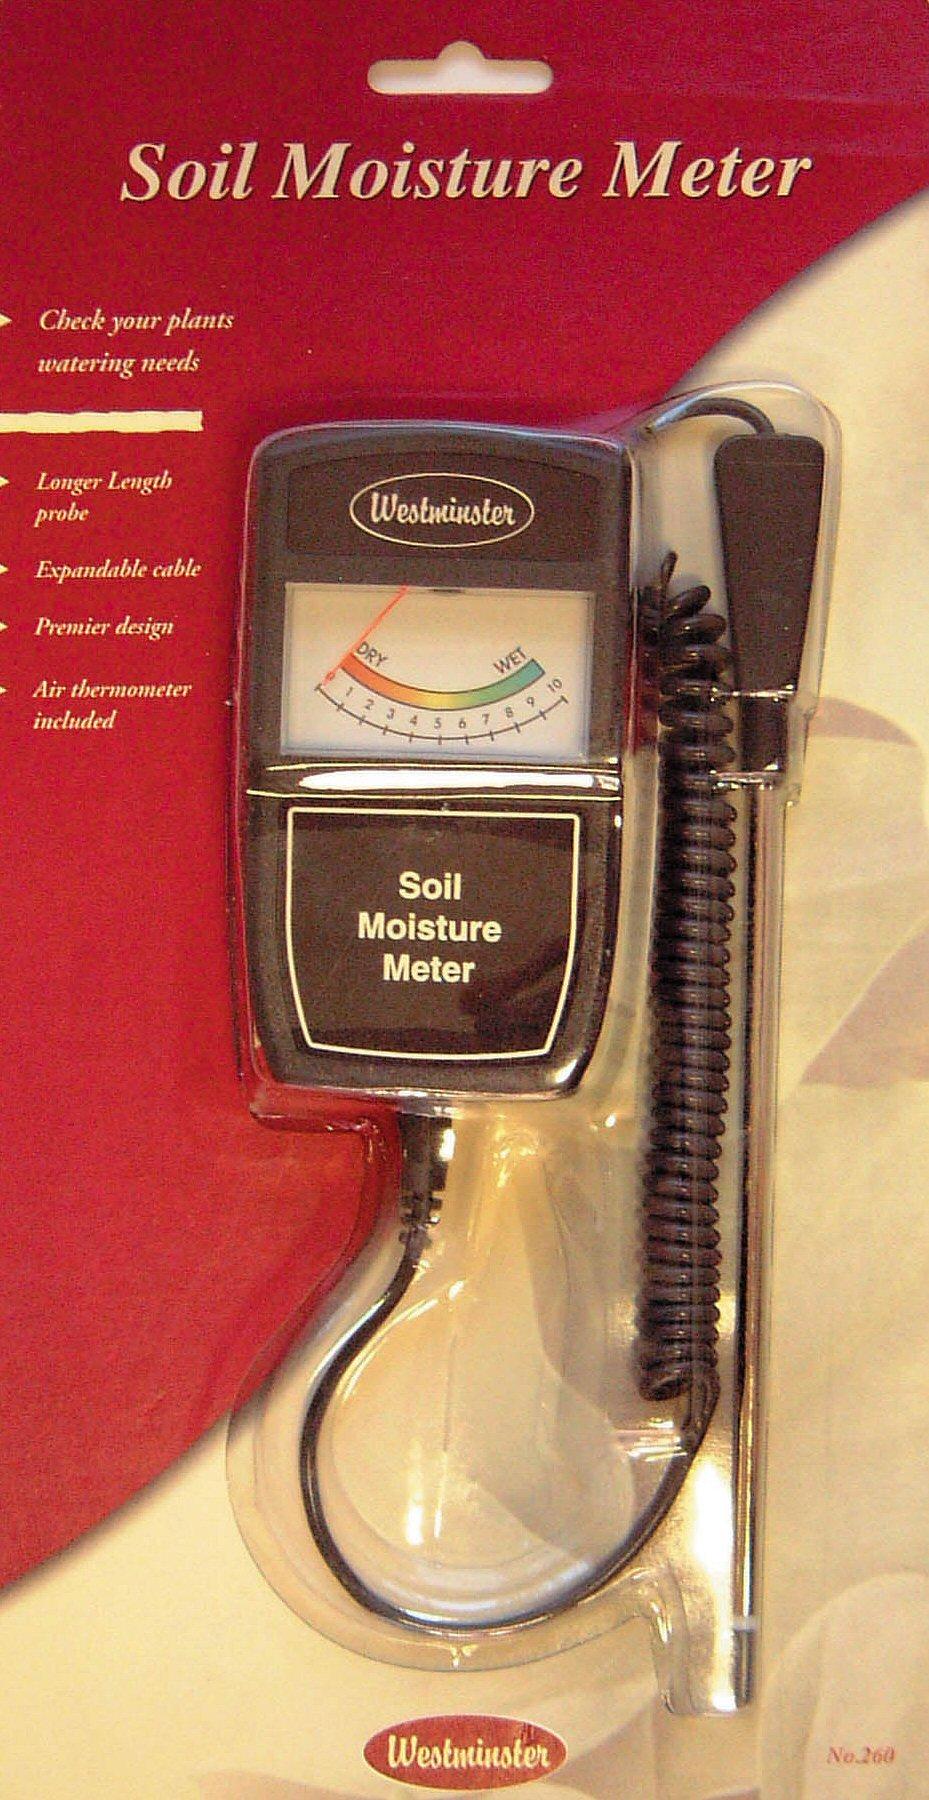 Soil testing kits for Soil moisture meter